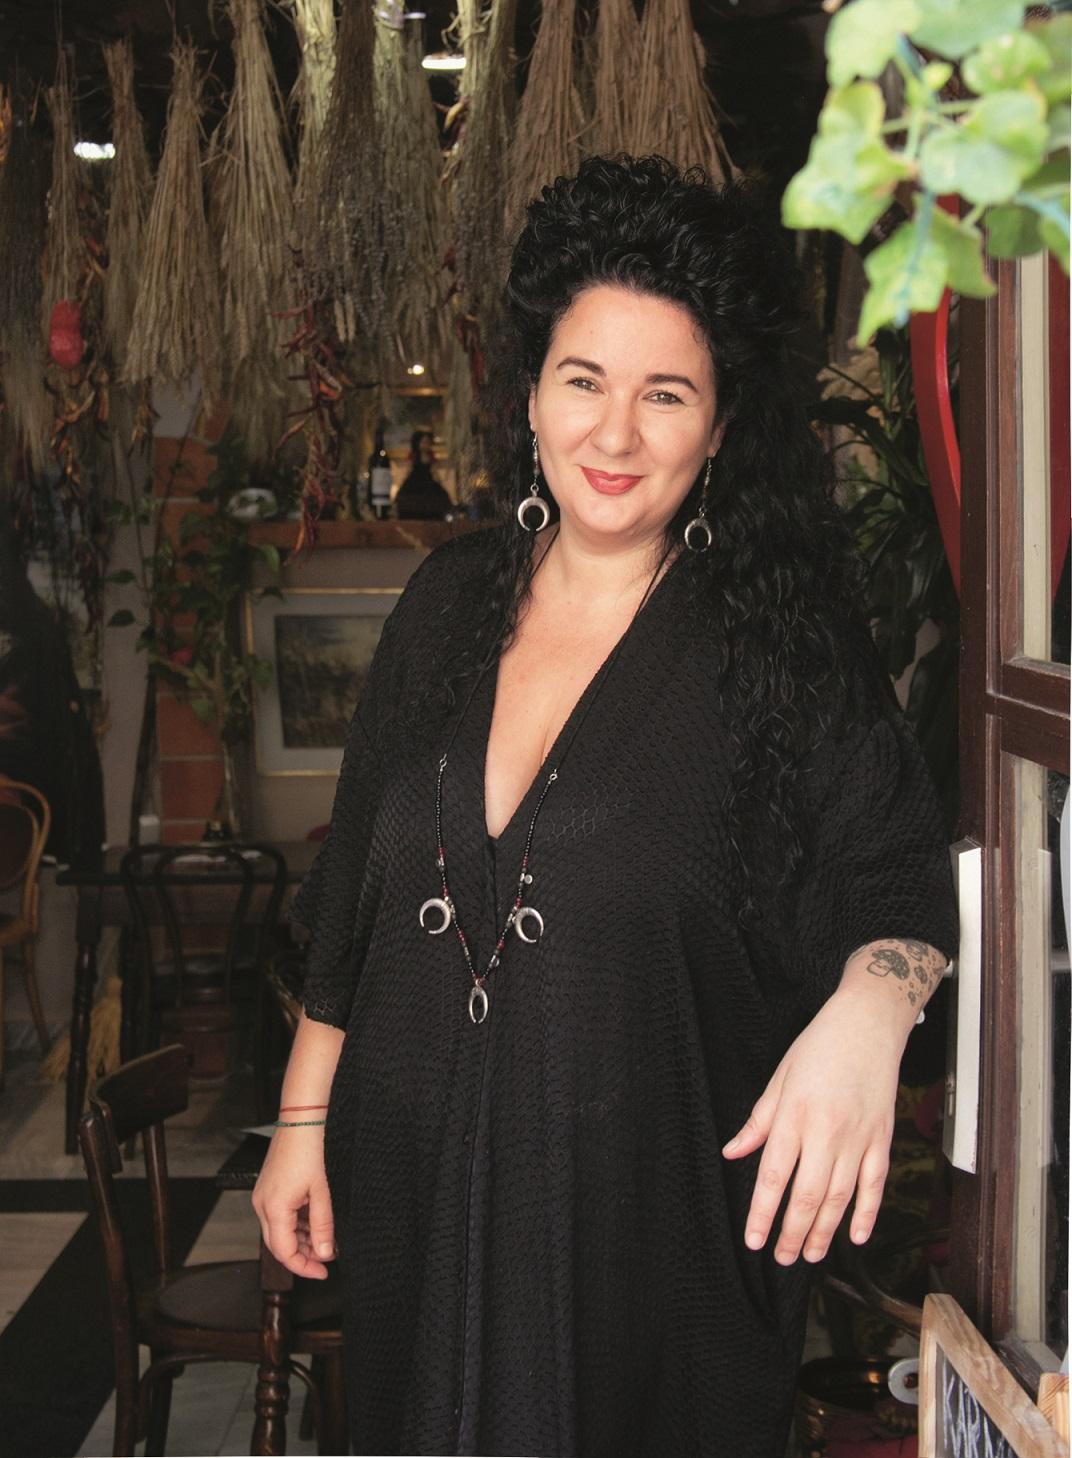 marcela Kolman, vlasnica Mio Corazon, bar s tapasima, radiceva, zagreb, 070720